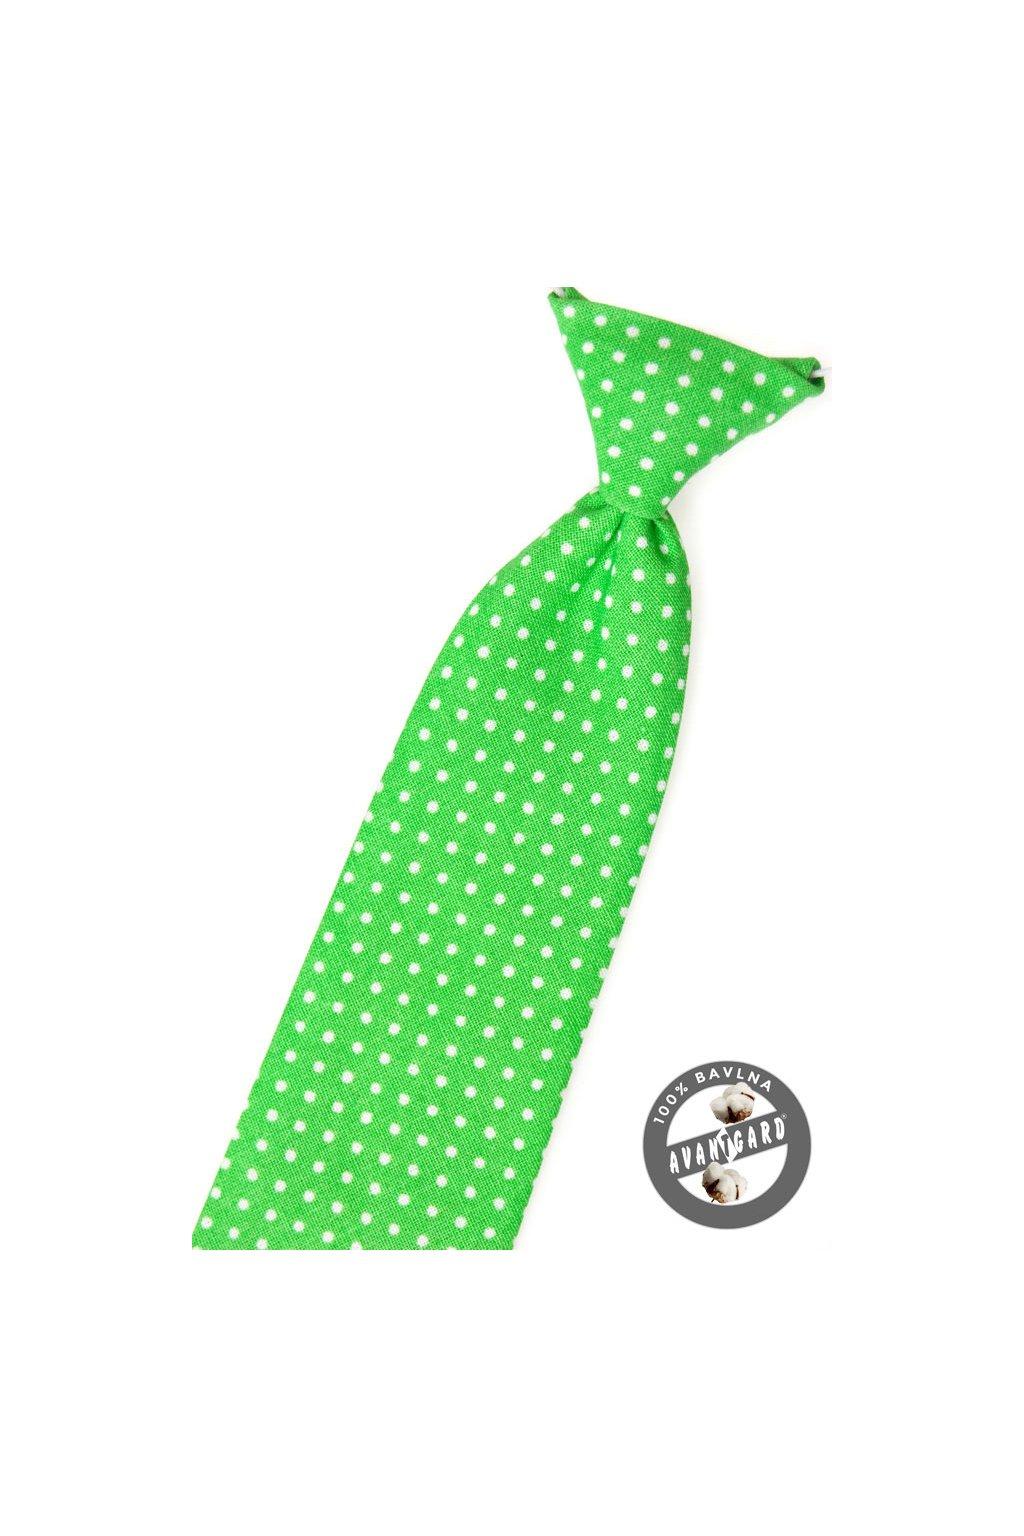 Chlapecká kravata, 558-5106, Zelená s bílým puntíkem